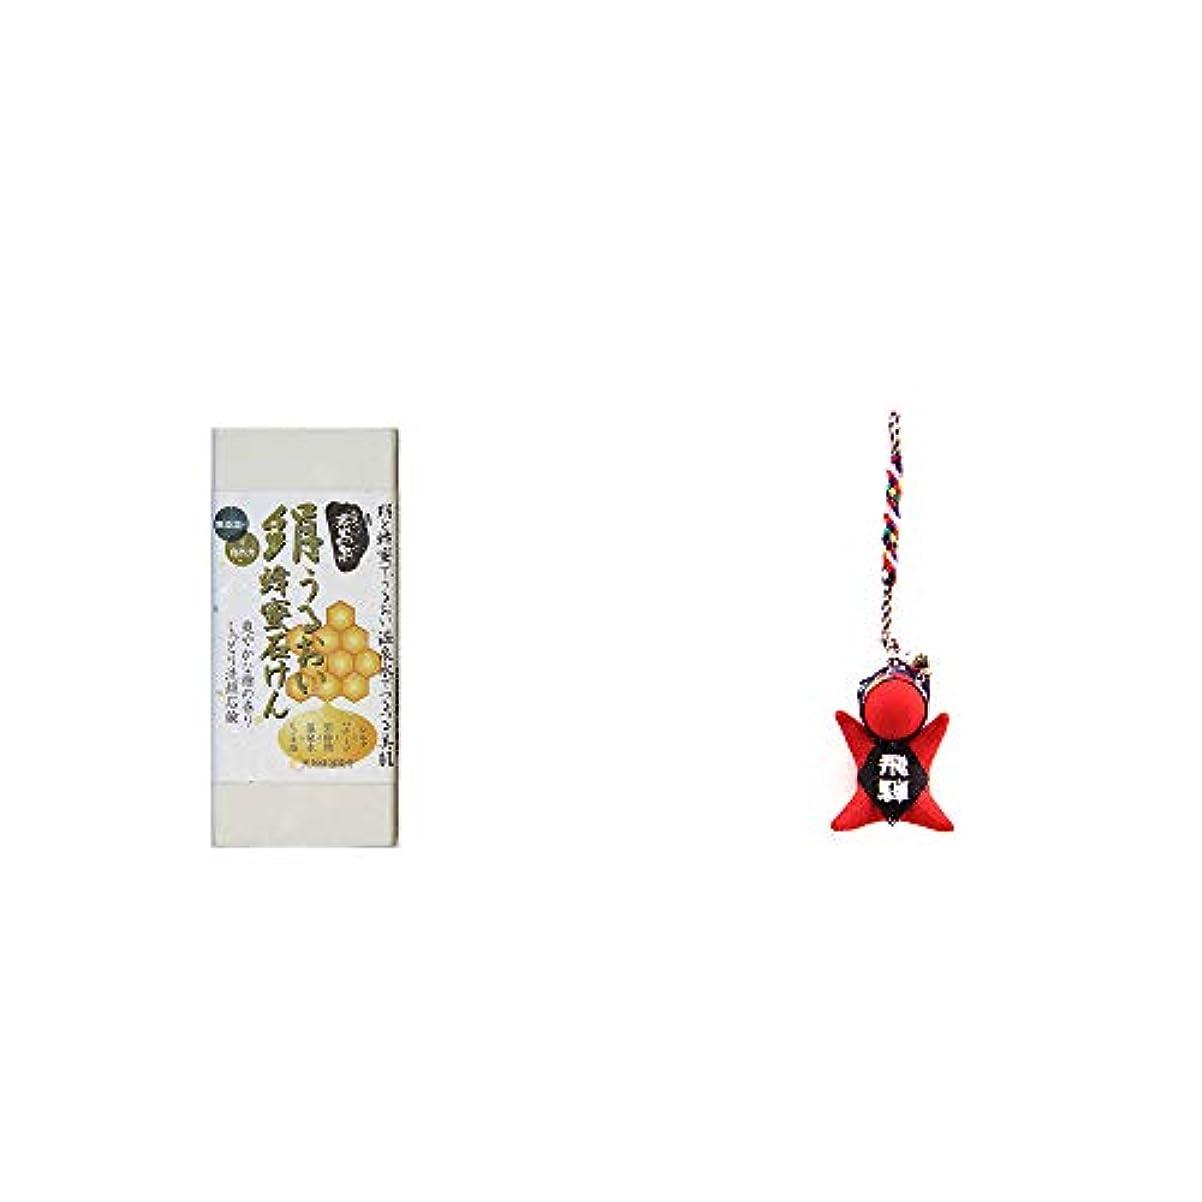 素朴な物思いにふけるシンク[2点セット] ひのき炭黒泉 絹うるおい蜂蜜石けん(75g×2)?さるぼぼ根付 【赤】/ ストラップ 縁結び?魔除け //